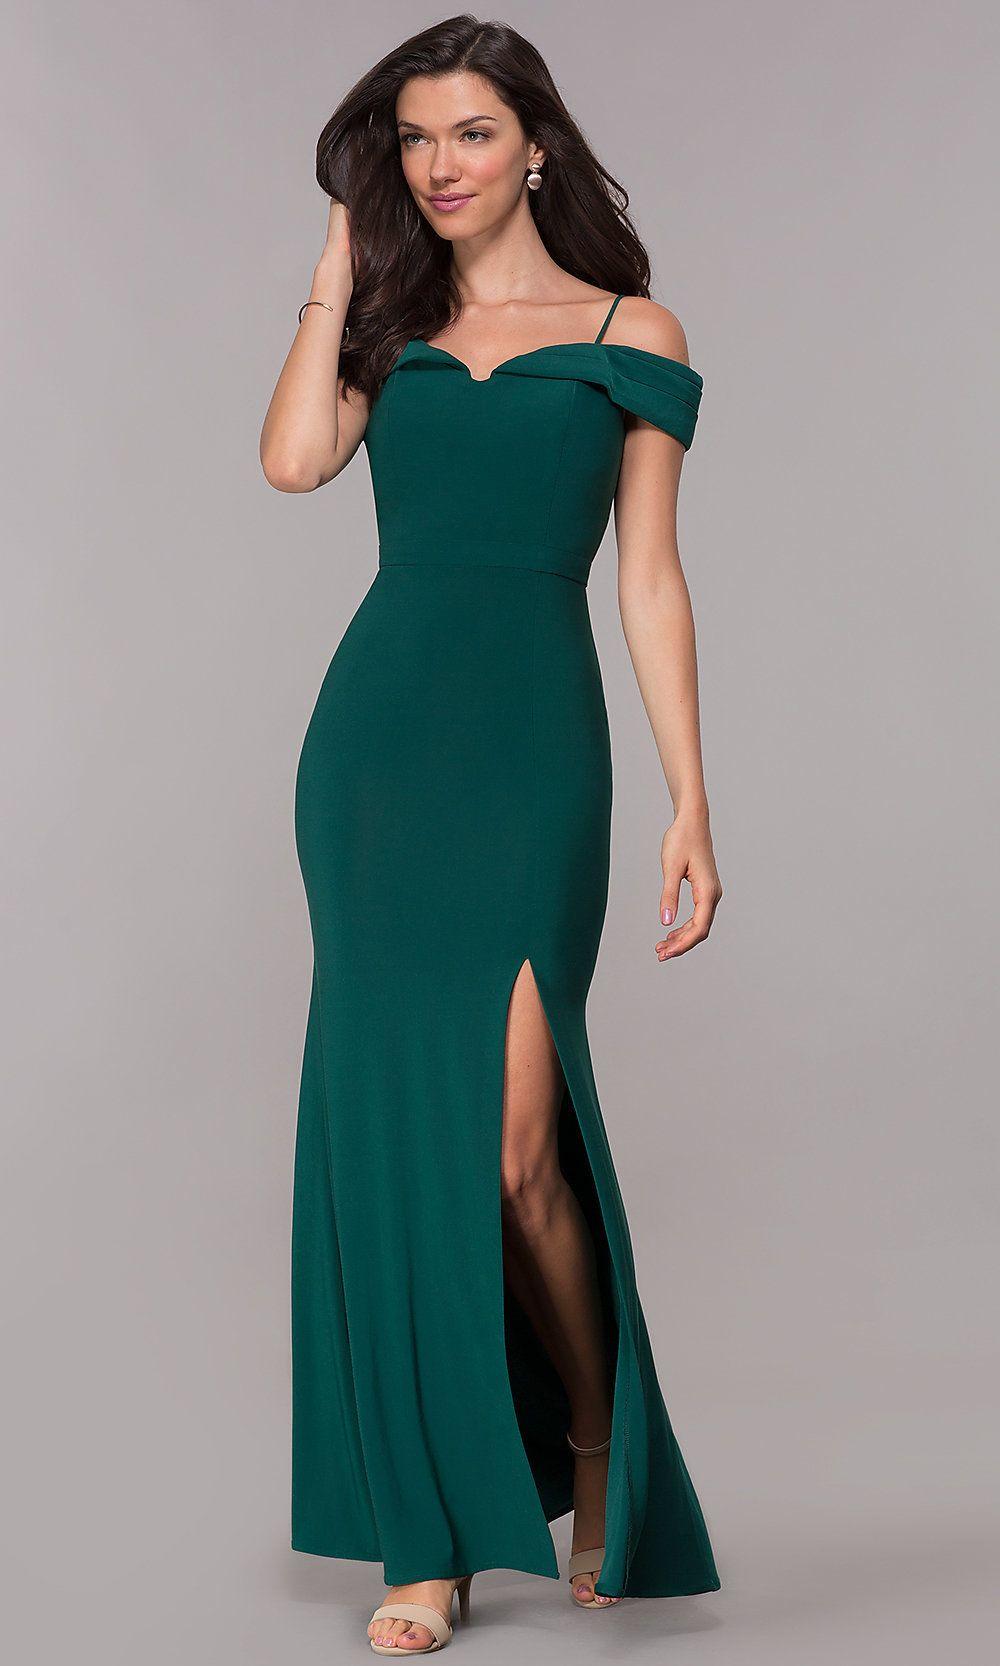 Formal Off The Shoulder Dress